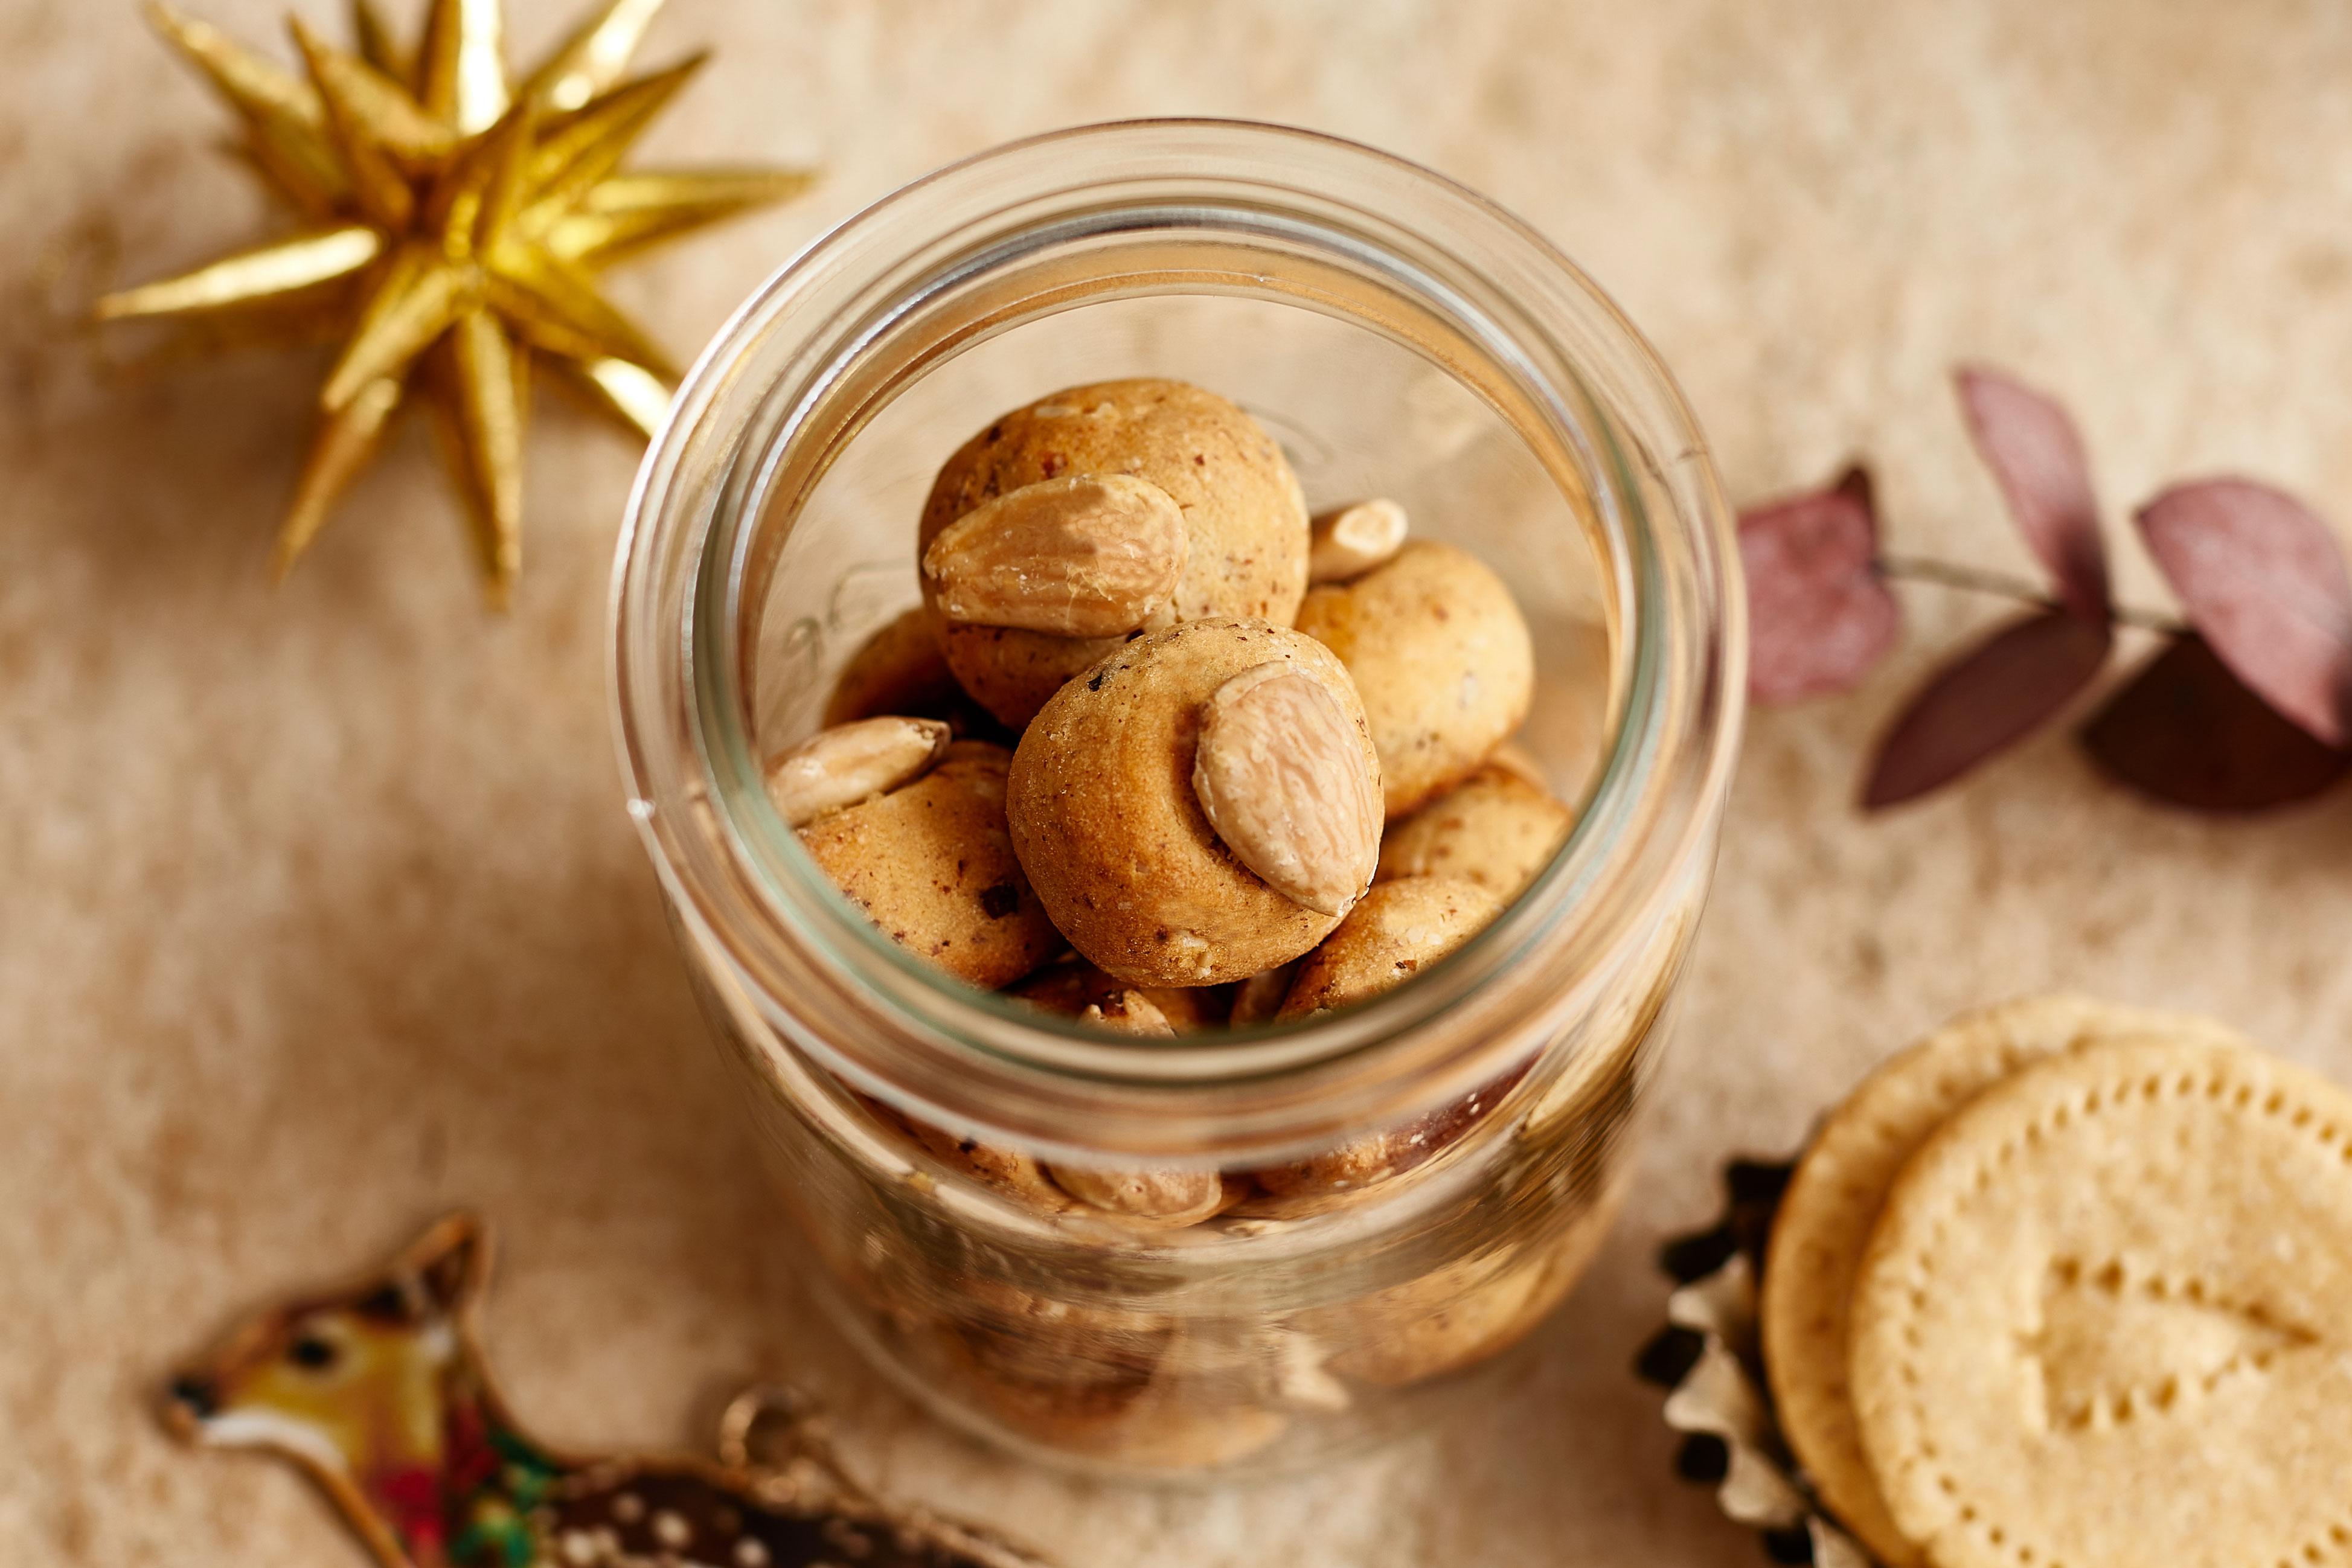 marzipan-busserln-kekse-einfach-rezept--6